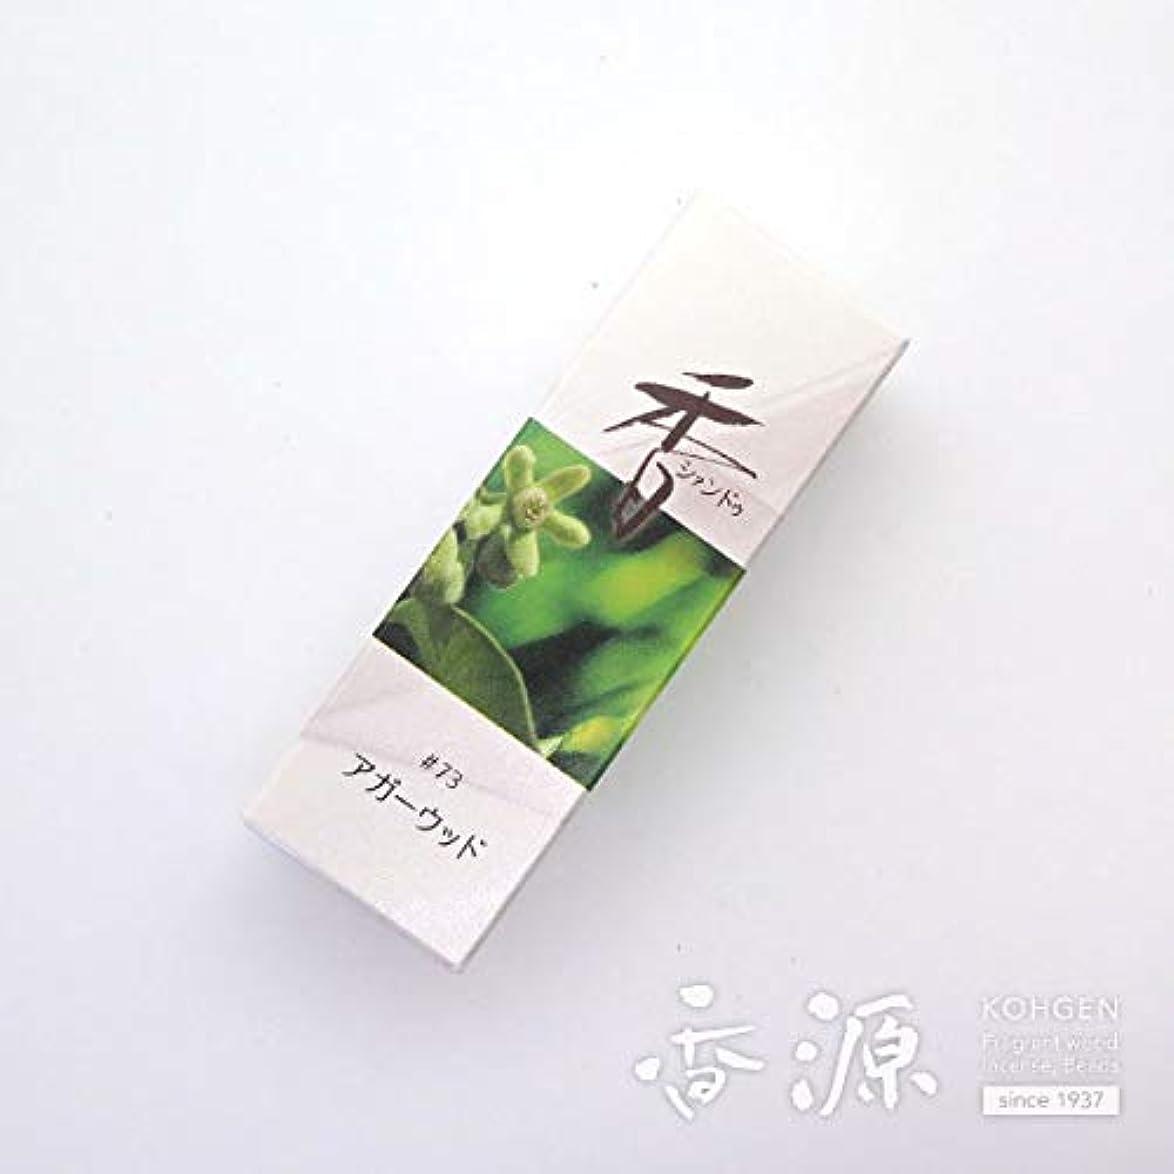 ありふれたしがみつく試み松栄堂のお香 Xiang Do(シャンドゥ) アガーウッド ST20本入 簡易香立付 #214273